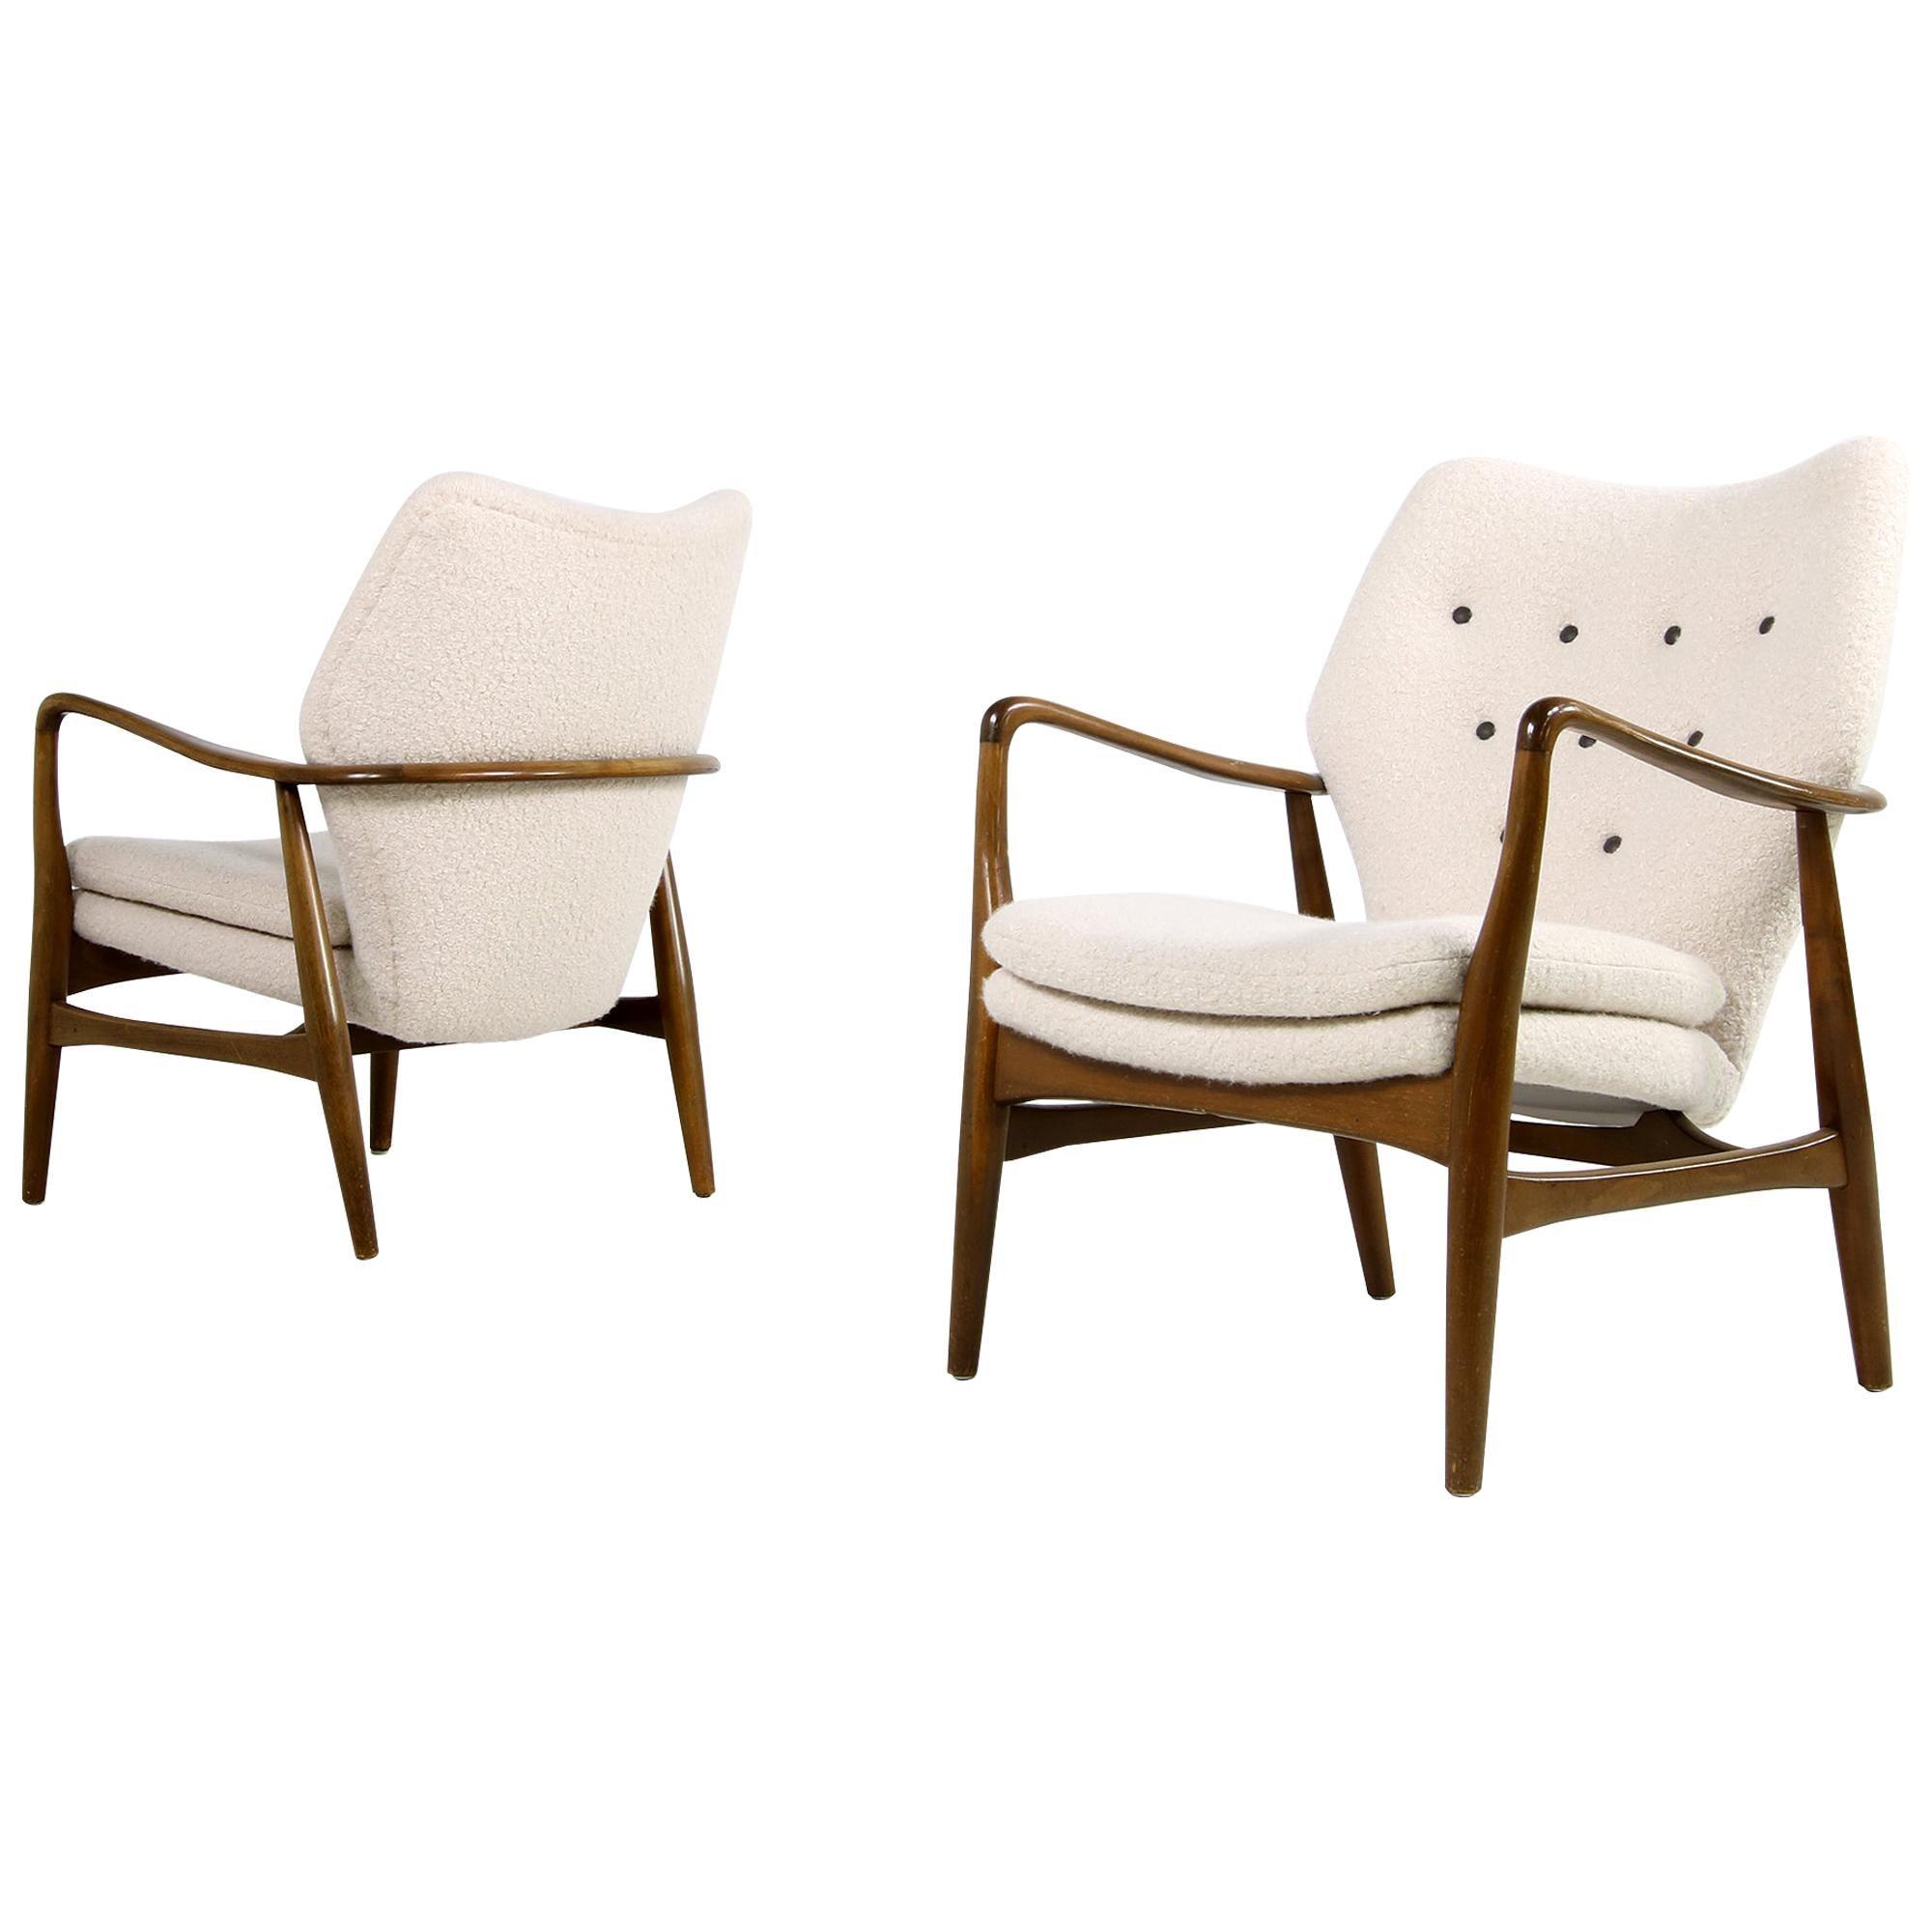 Pair of 1950s Danish Organic Lounge Chairs Ib Madsen & Acton Schubell, Denmark